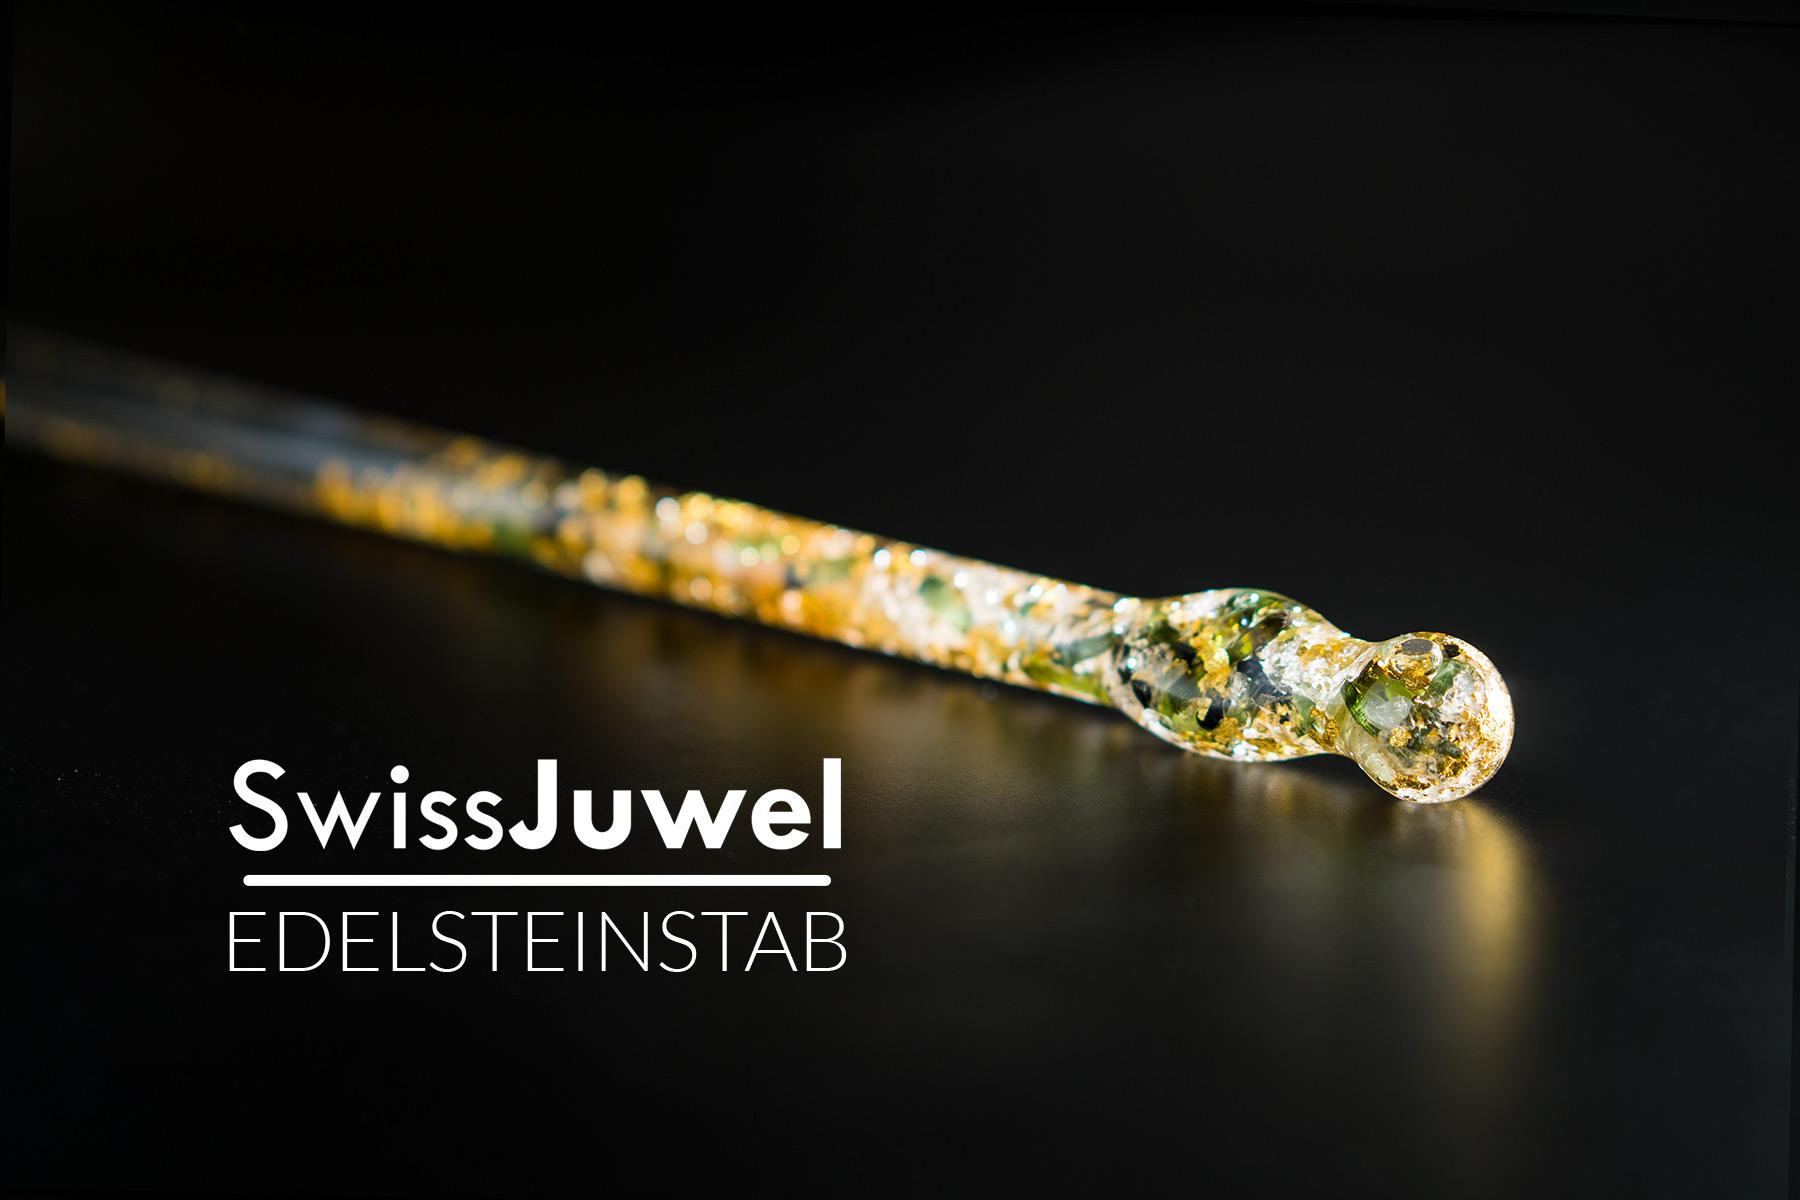 Produktfotografie Edelsteinstab SwissJuwel